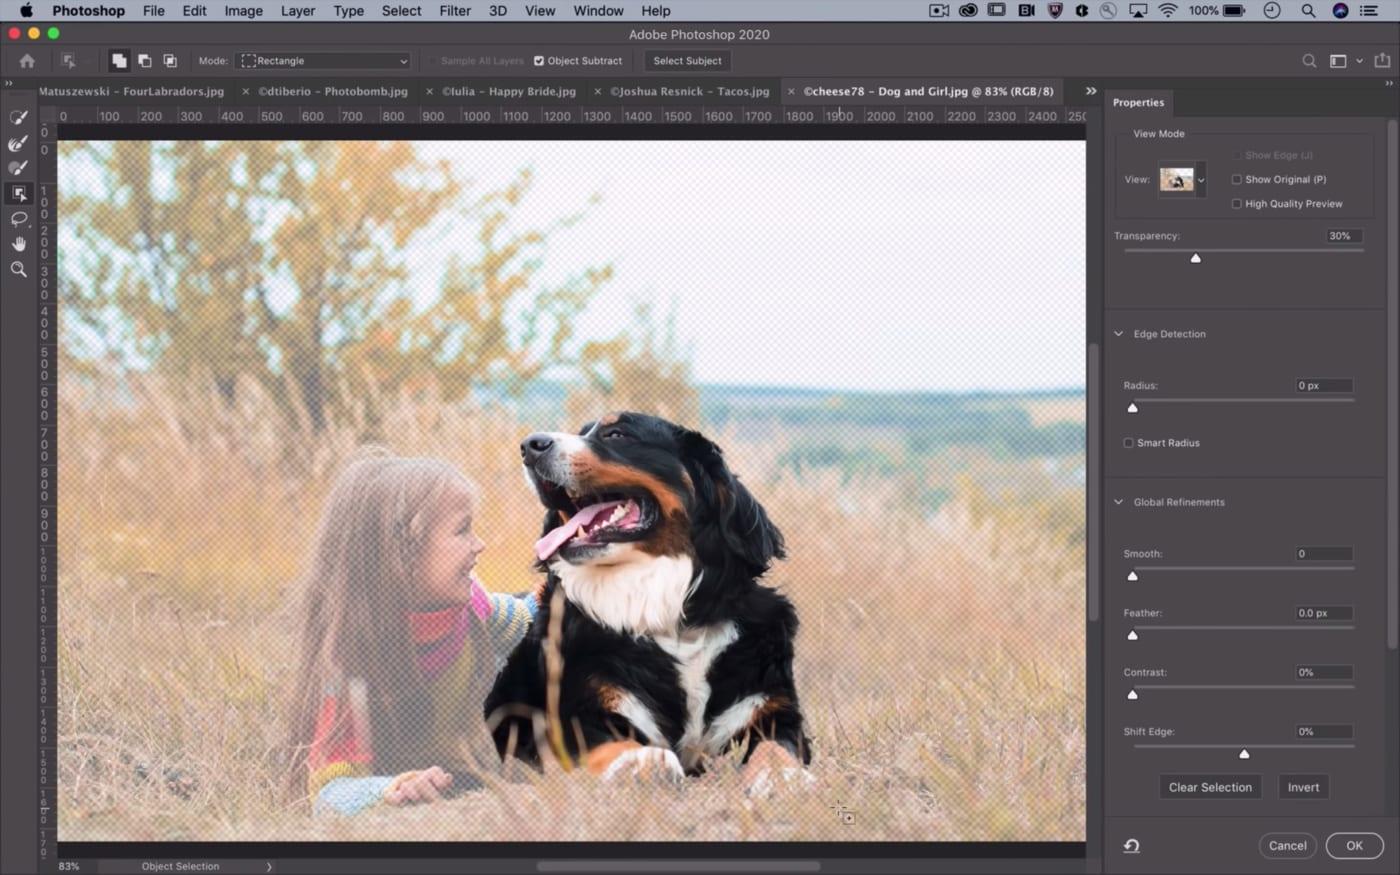 AI mới của Photoshop giúp tự động tạo vùng chọn của vật thể trong ảnh với độ chính xác cực cao